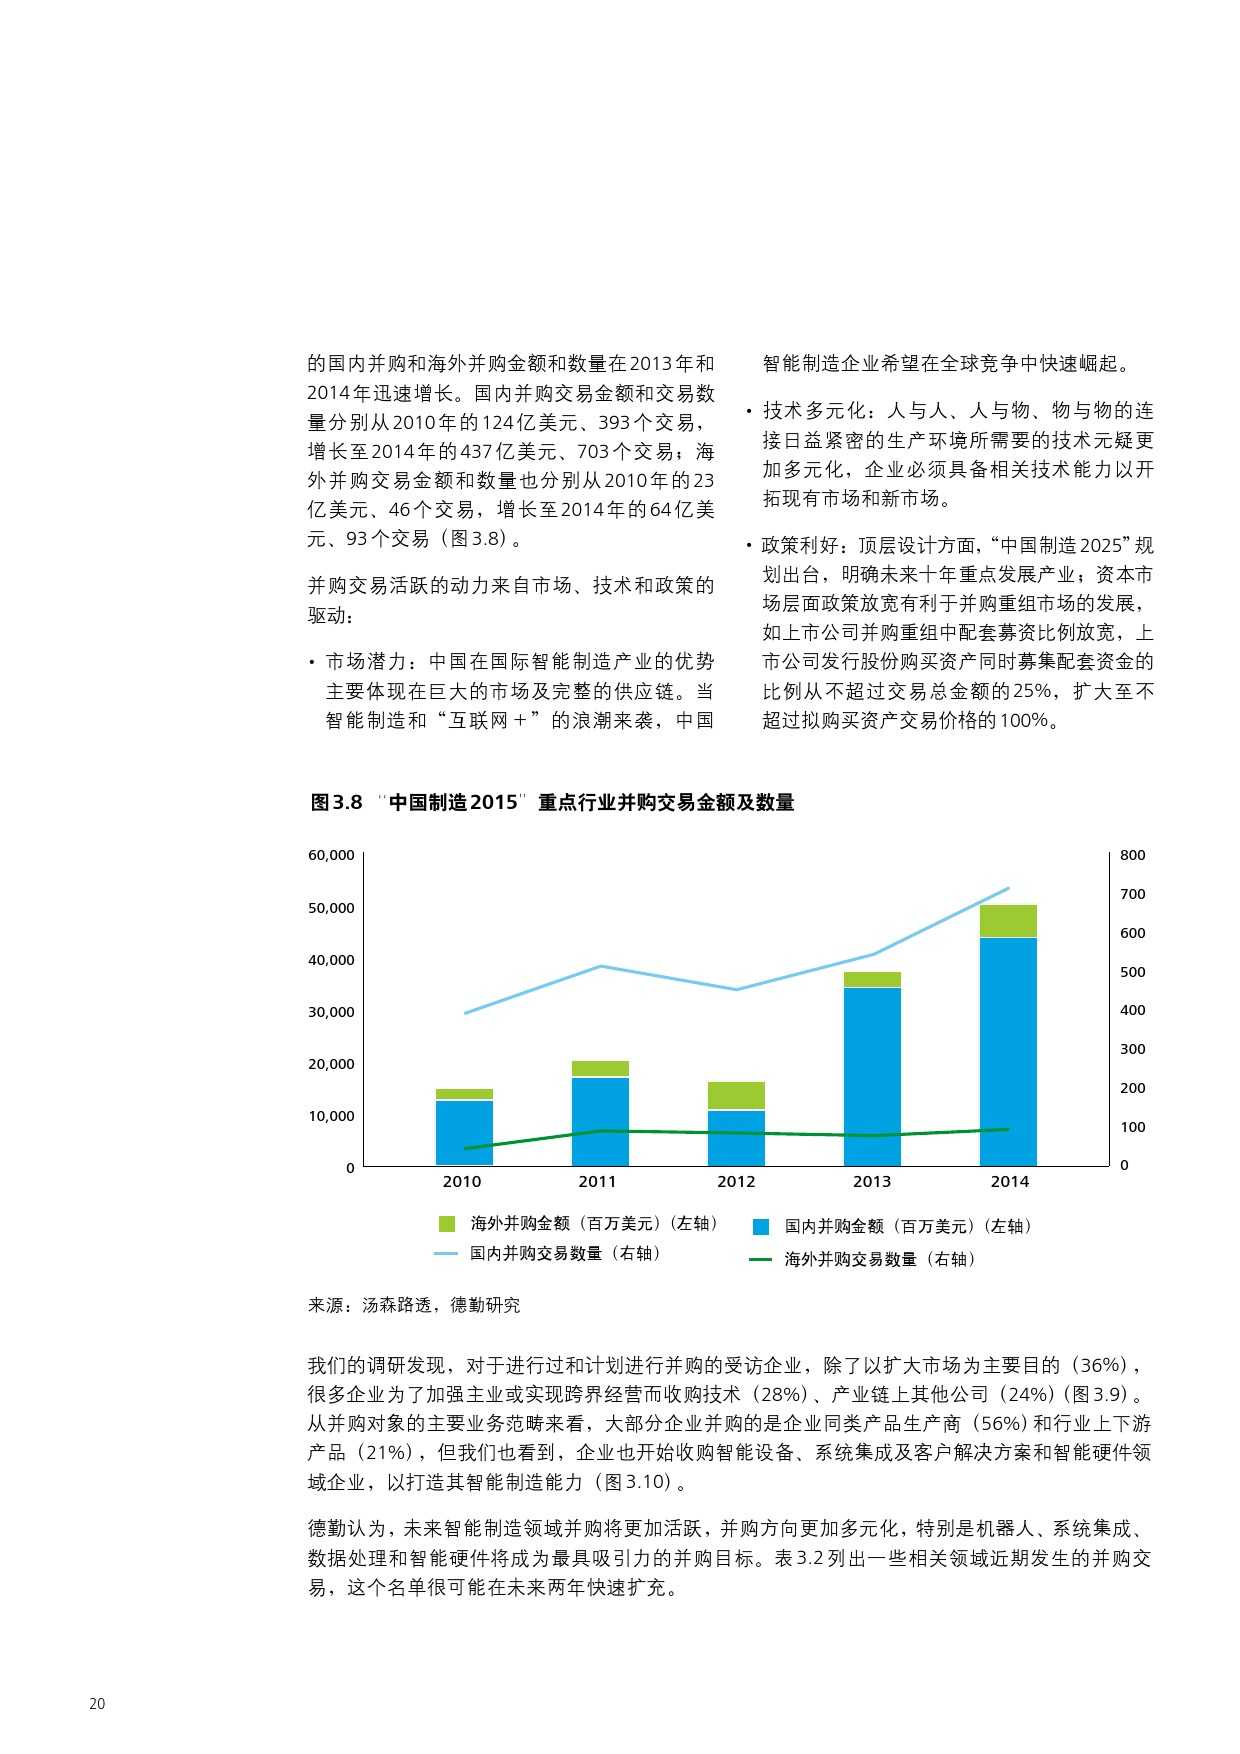 2015年中国制造业企业信息化调查_000022